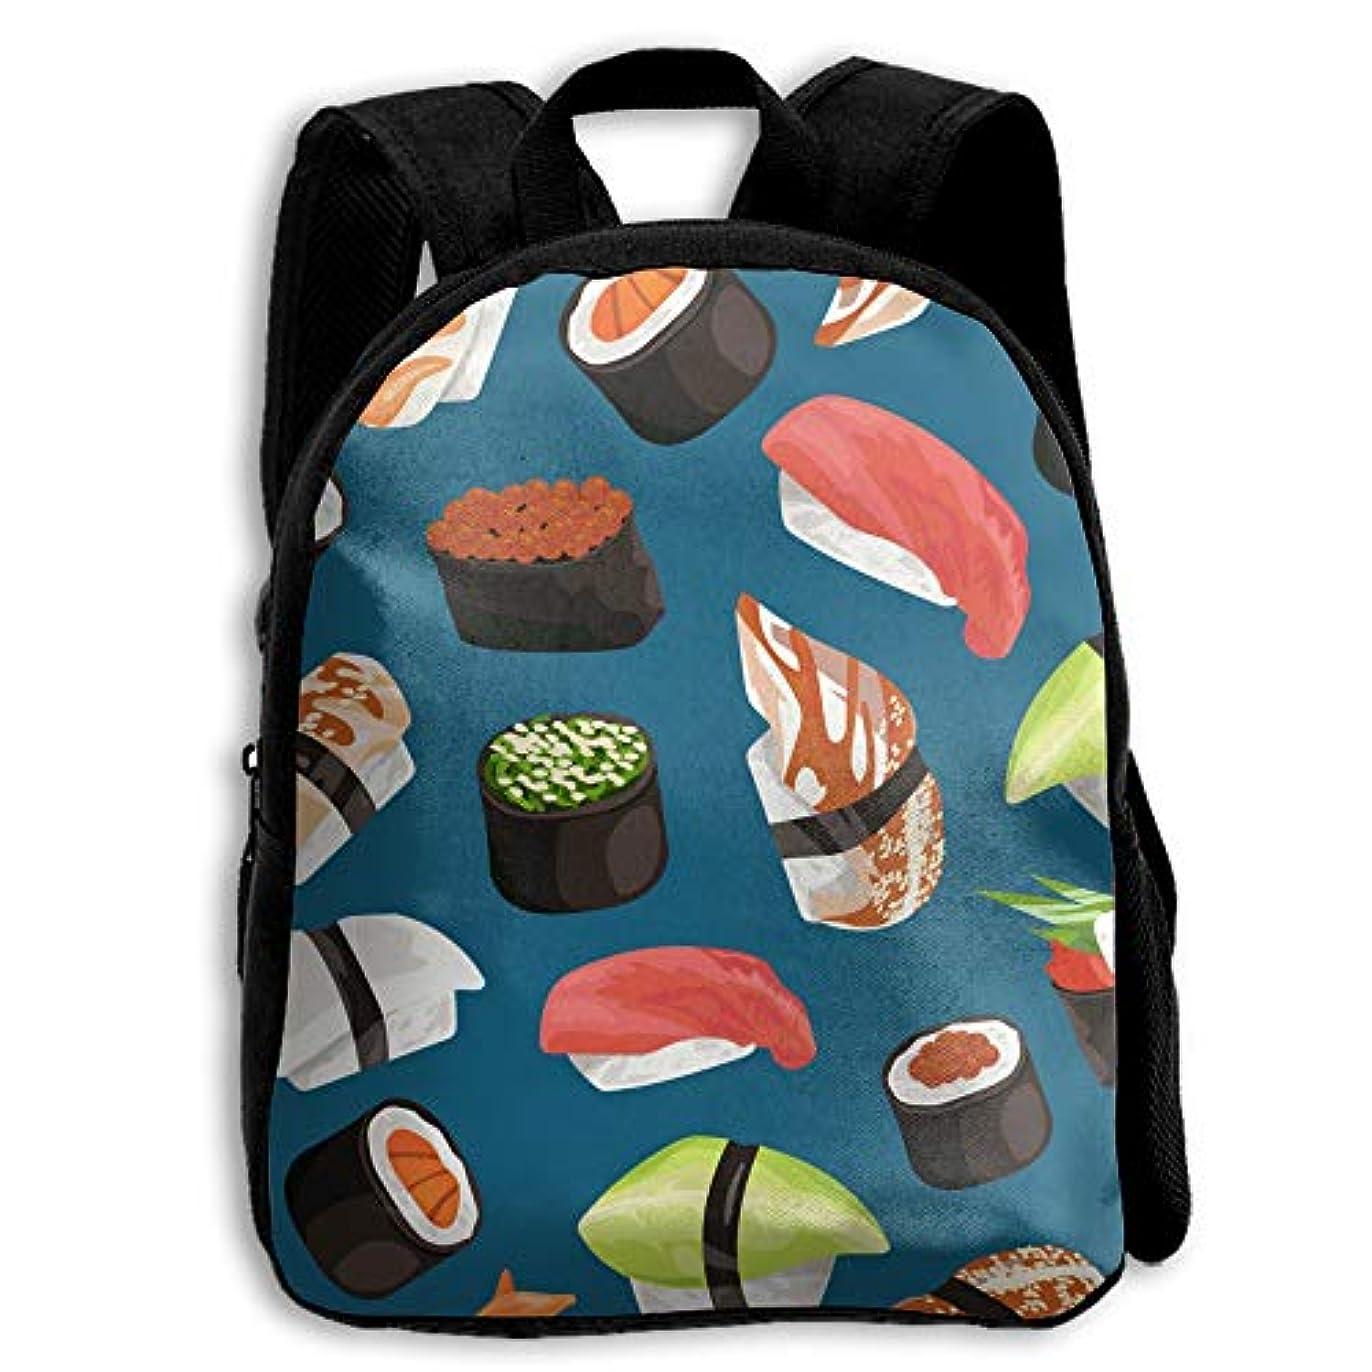 自分のためにに話すオーバードローキッズ リュックサック バックパック キッズバッグ 子供用のバッグ キッズリュック 学生 日本料理 握り鮨 寿司 アウトドア 通学 ハイキング 遠足